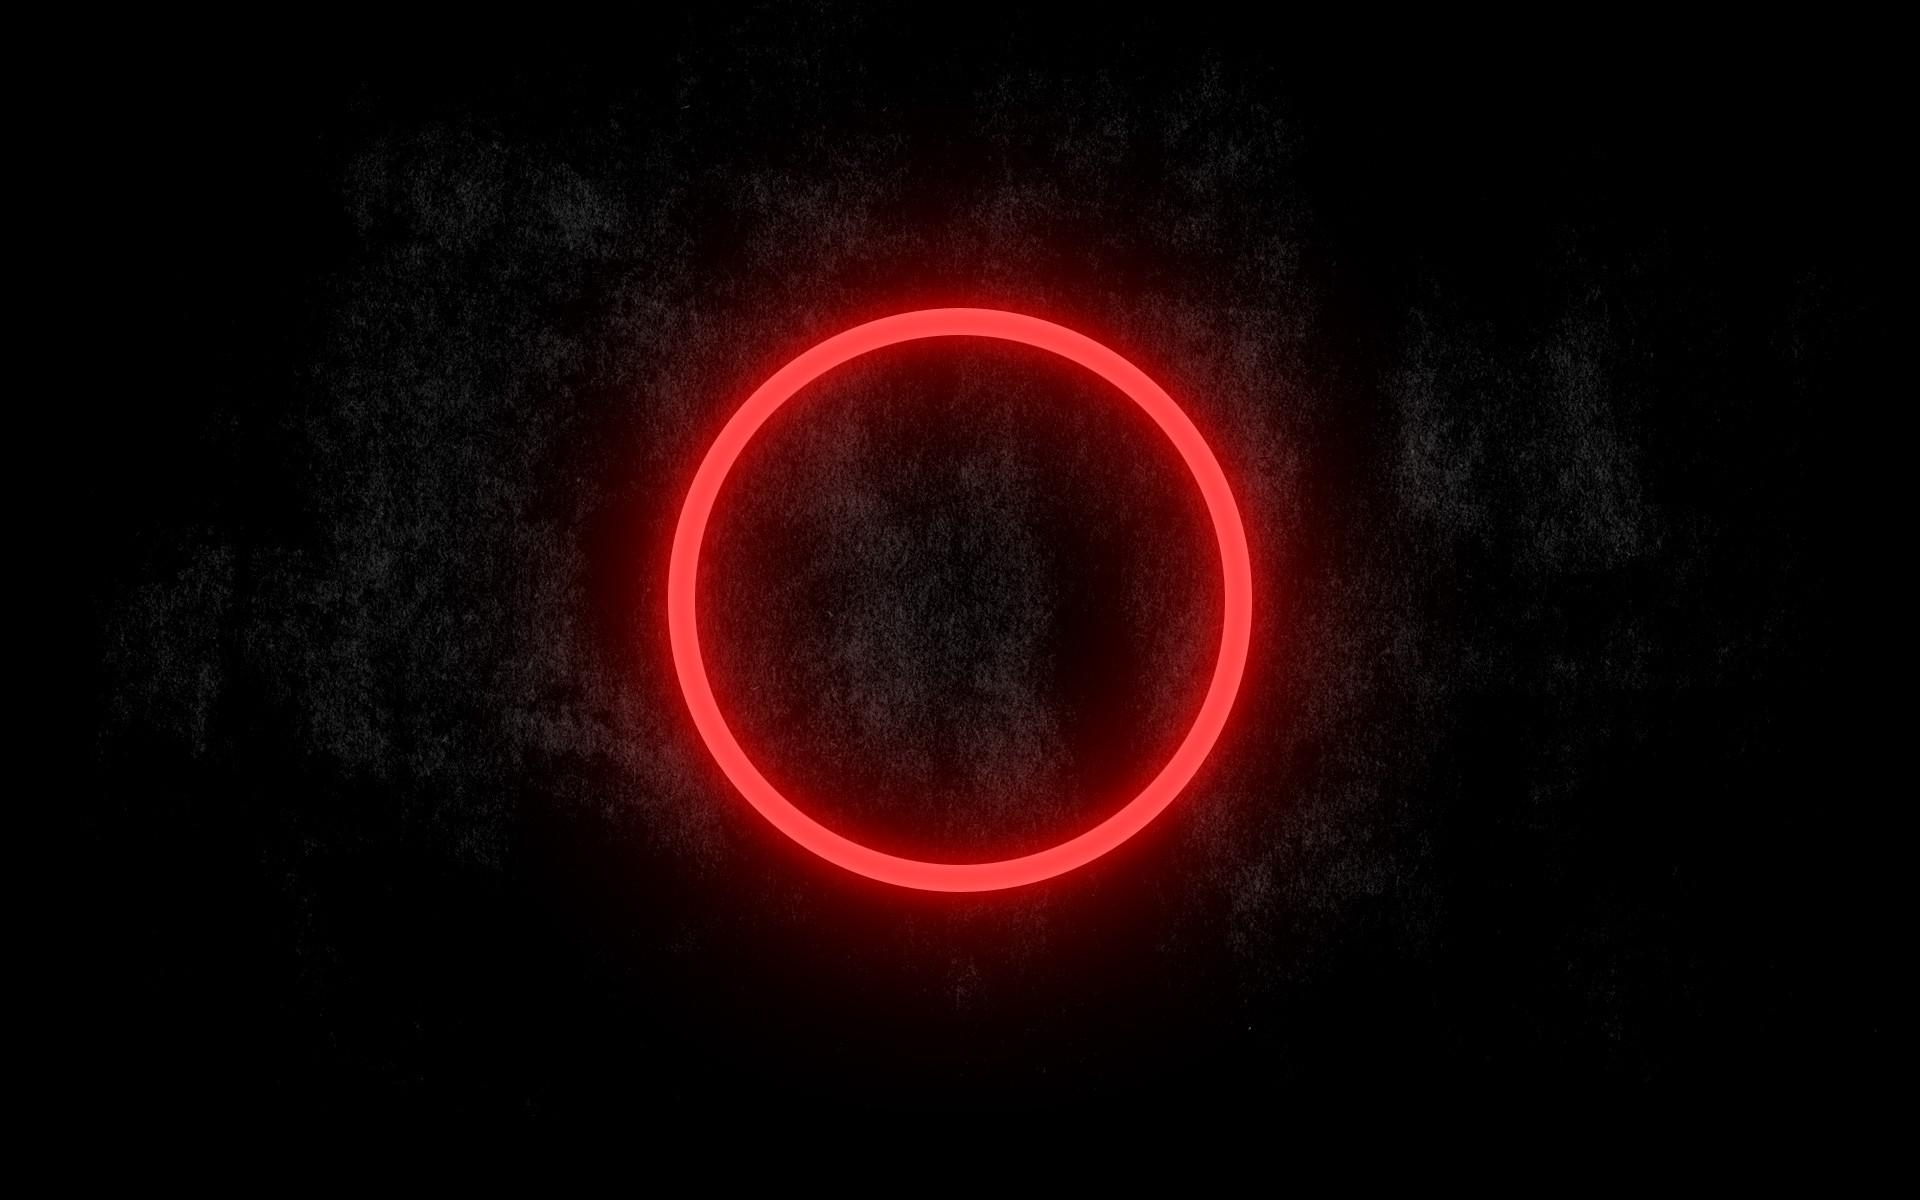 линии свет круг  № 3724776 бесплатно